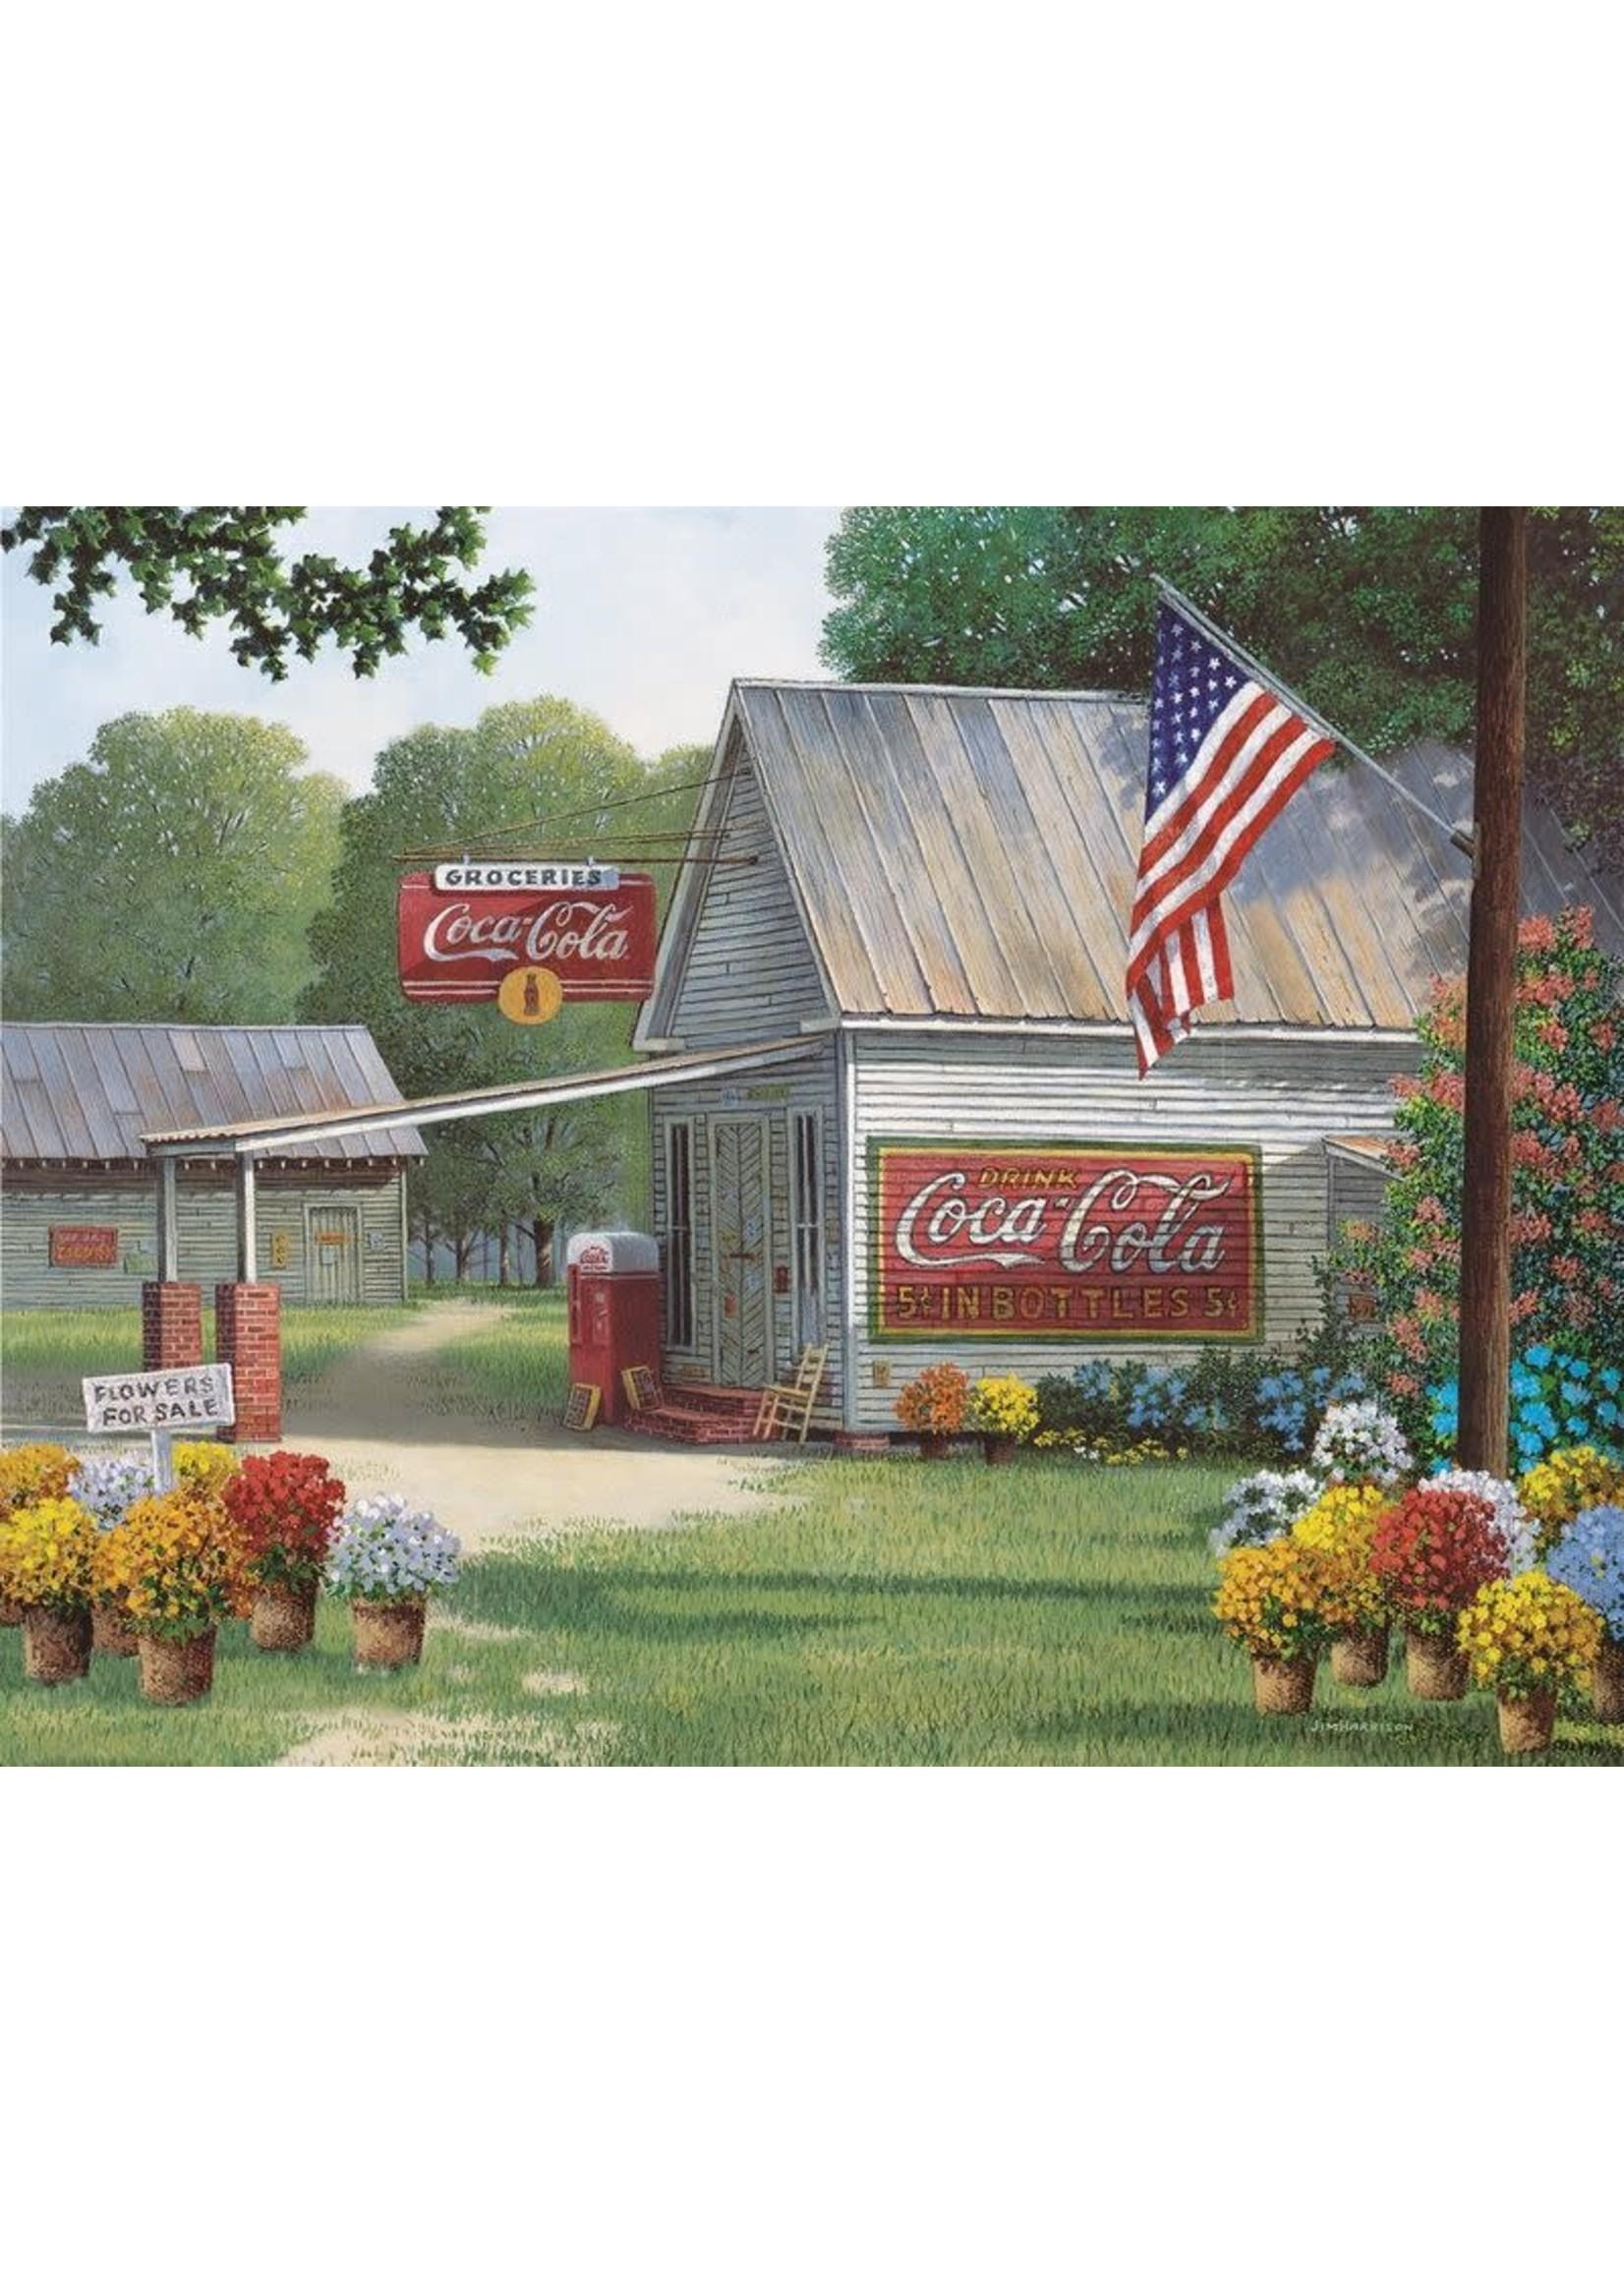 Springbok Coca Cola Country General Store Puzzle 500